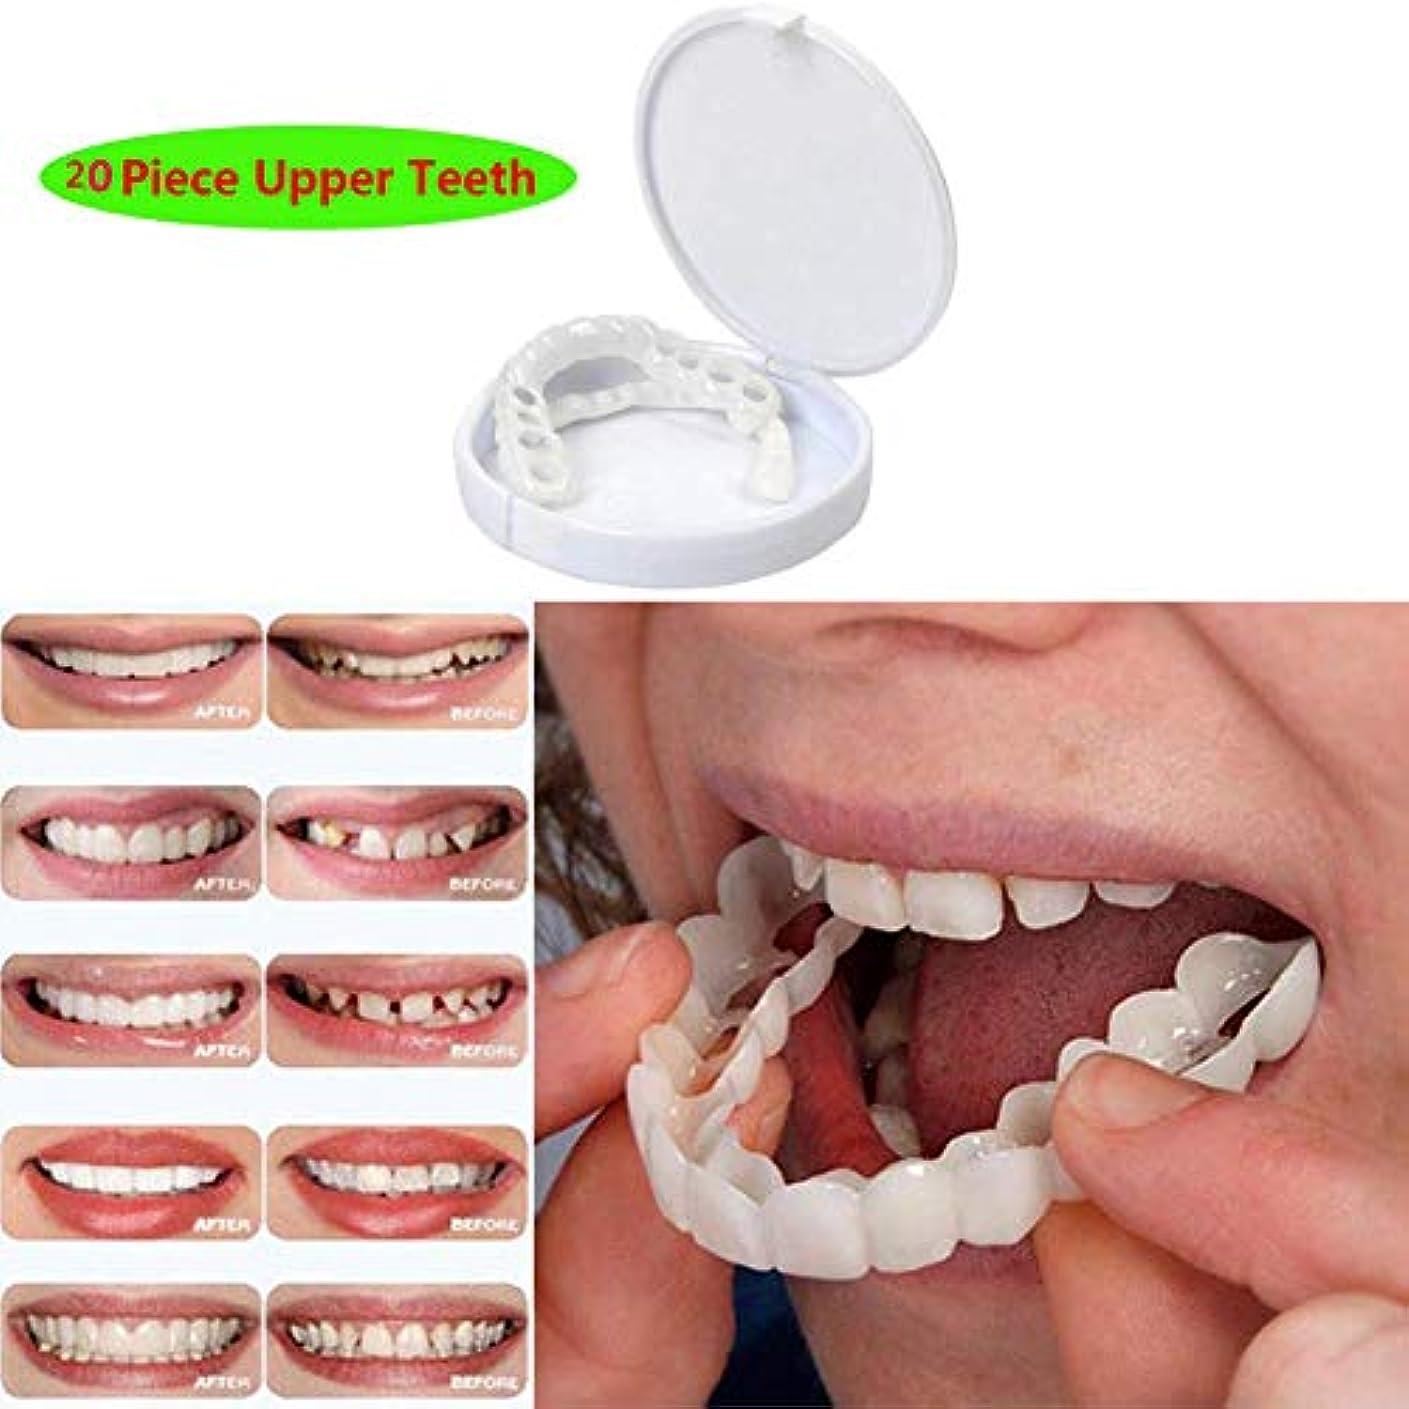 信仰残るきしむ一時的な化粧品の歯義歯の歯快適な屈曲を完全に白くする化粧品の模倣された上部の支柱わずかな分のベニヤ、20PCS上部の歯